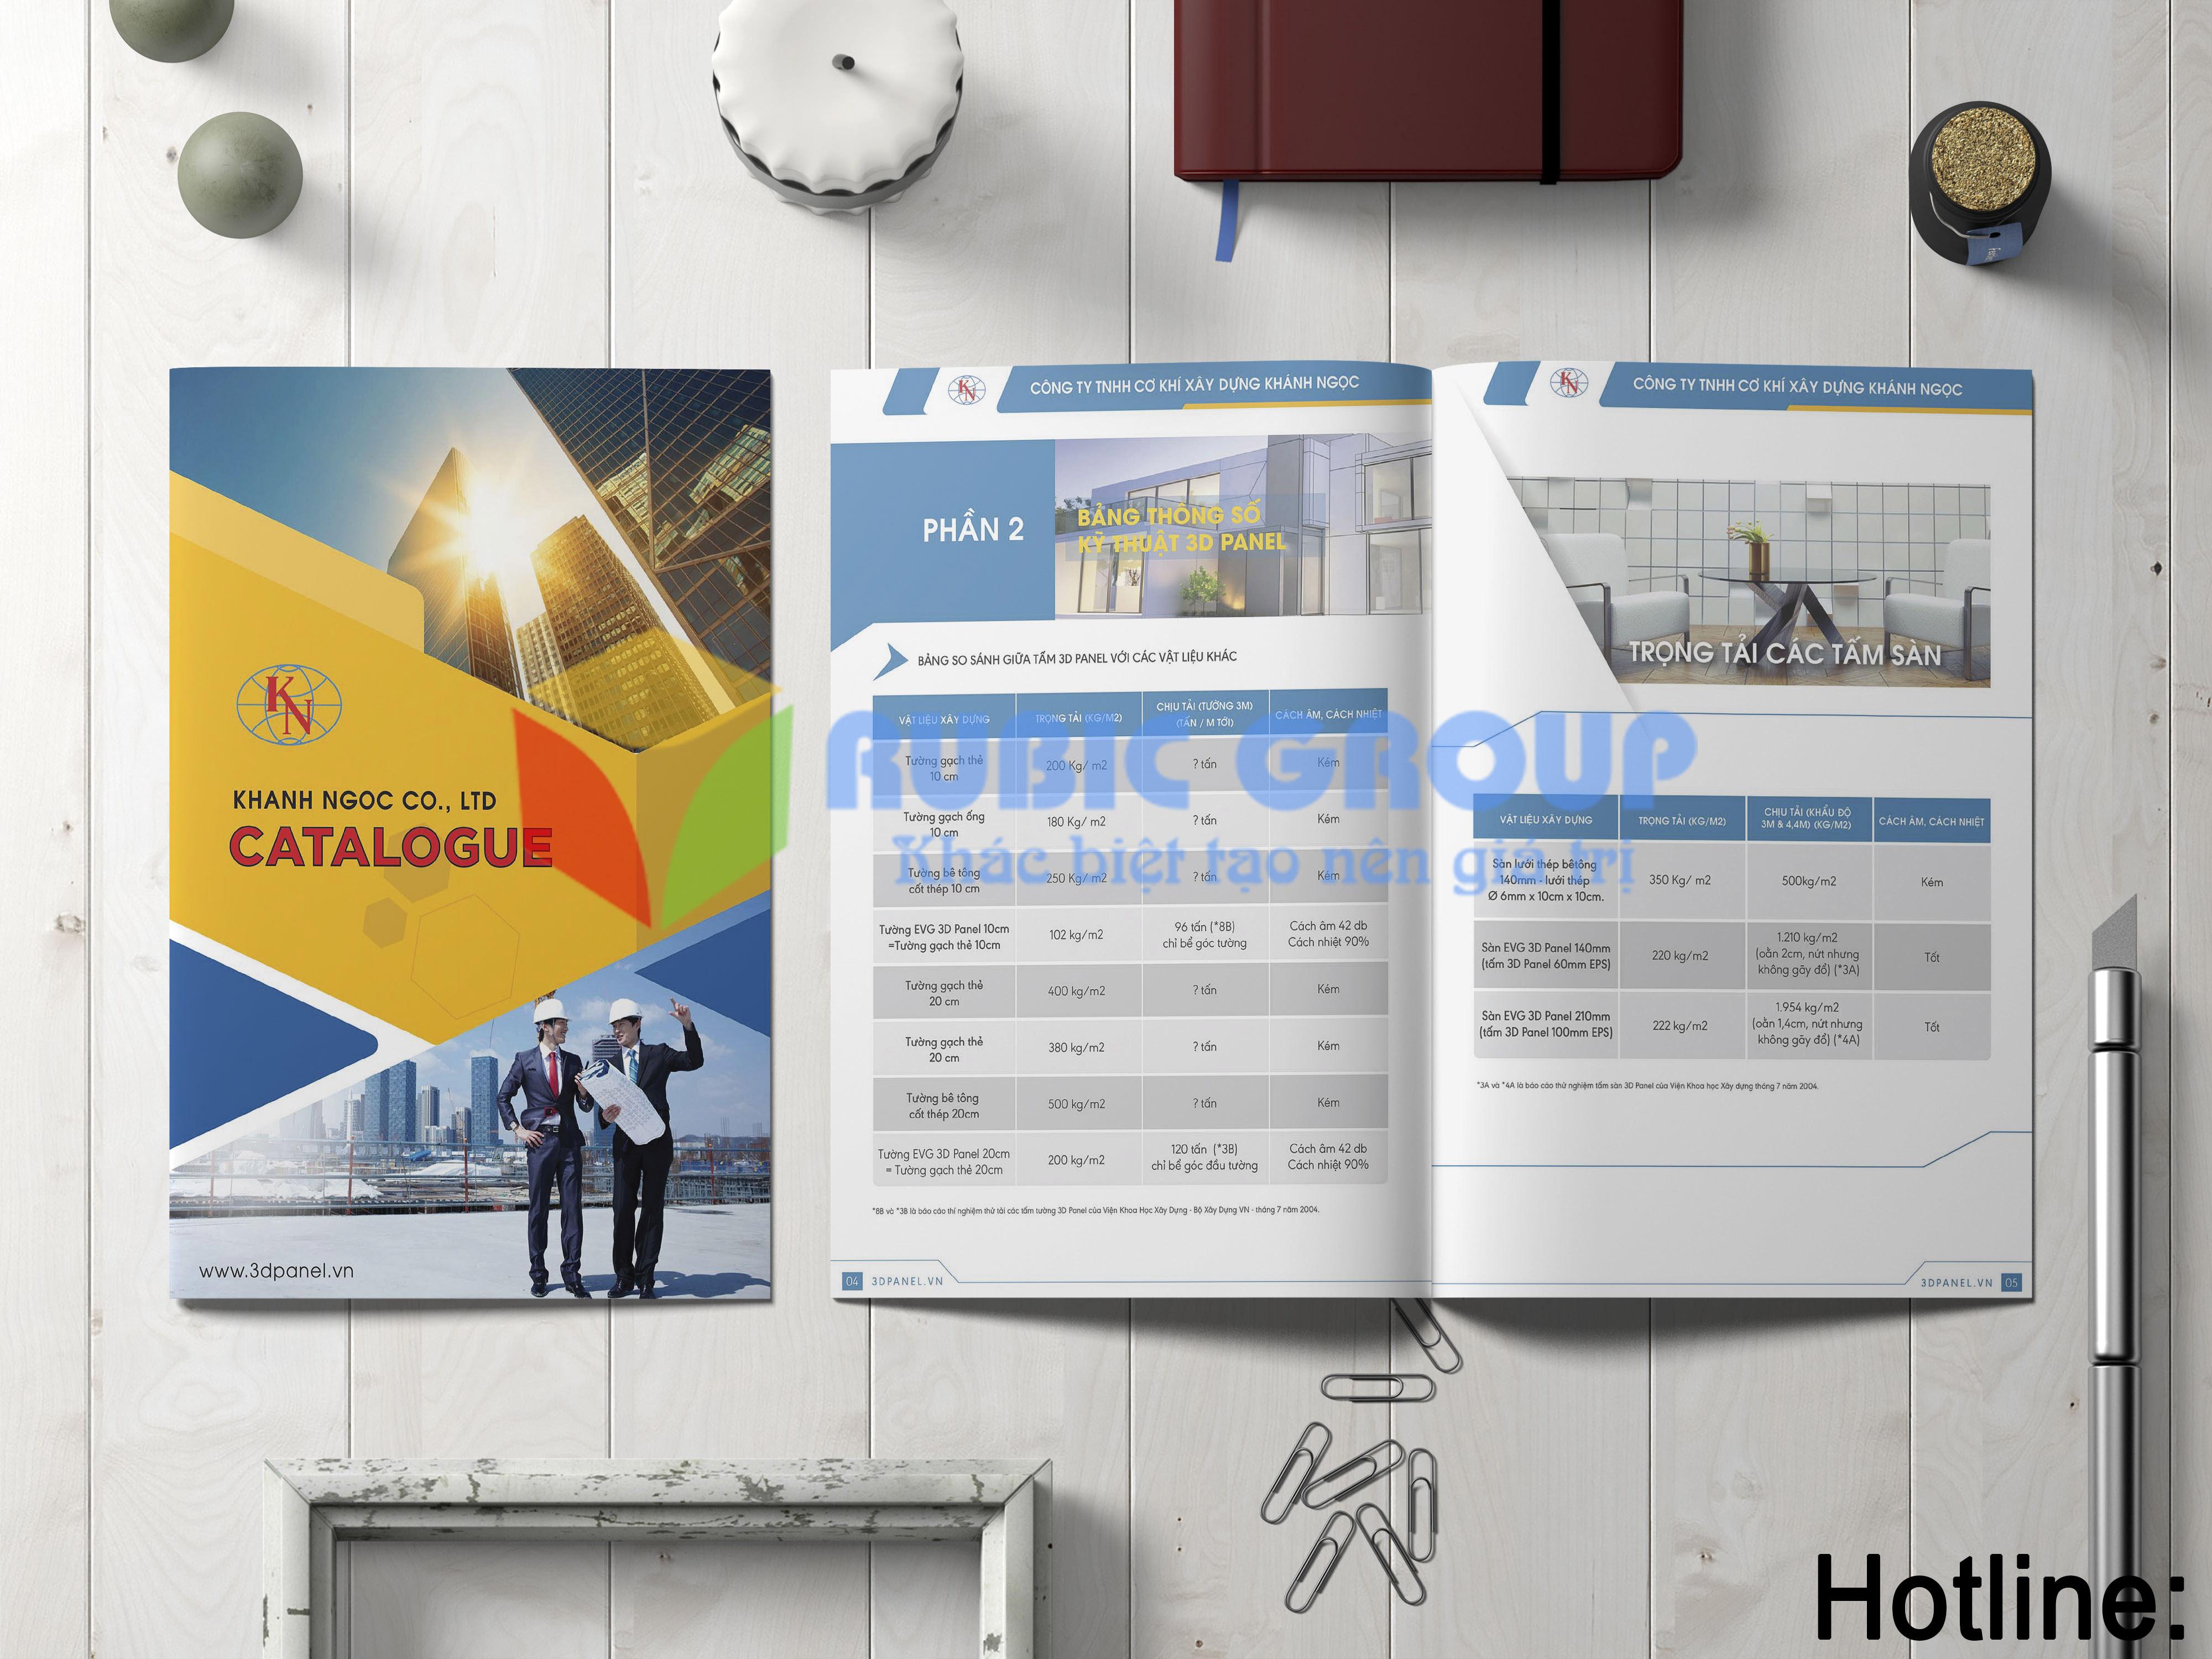 thiết kế catalogue 3dpanel tại biên hoà 2